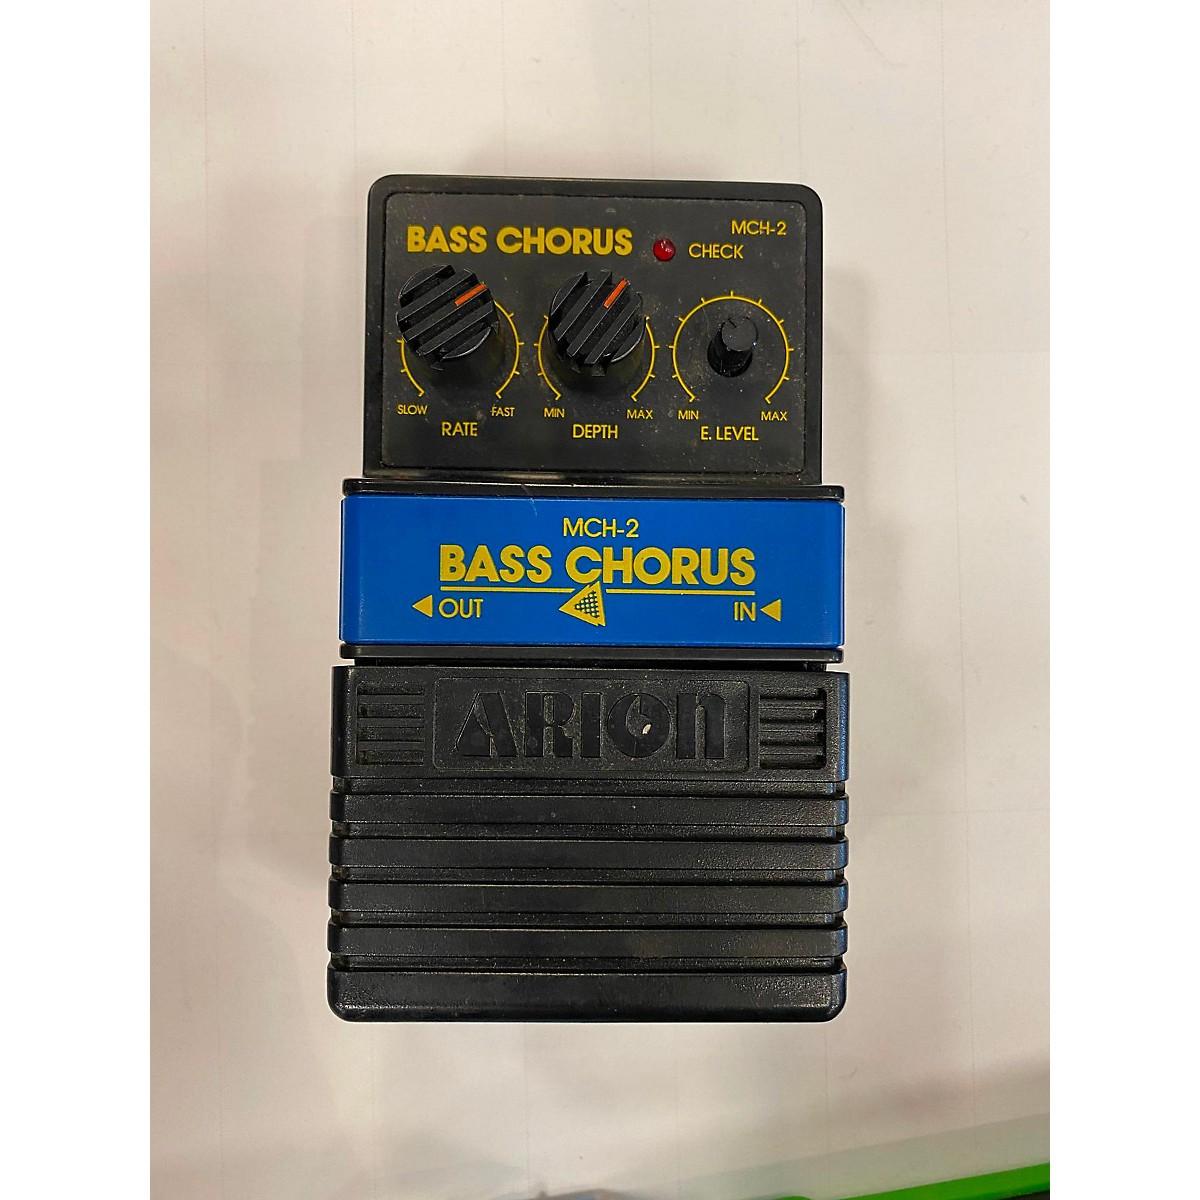 Arion MCH-2 BASS CHORUS Bass Effect Pedal